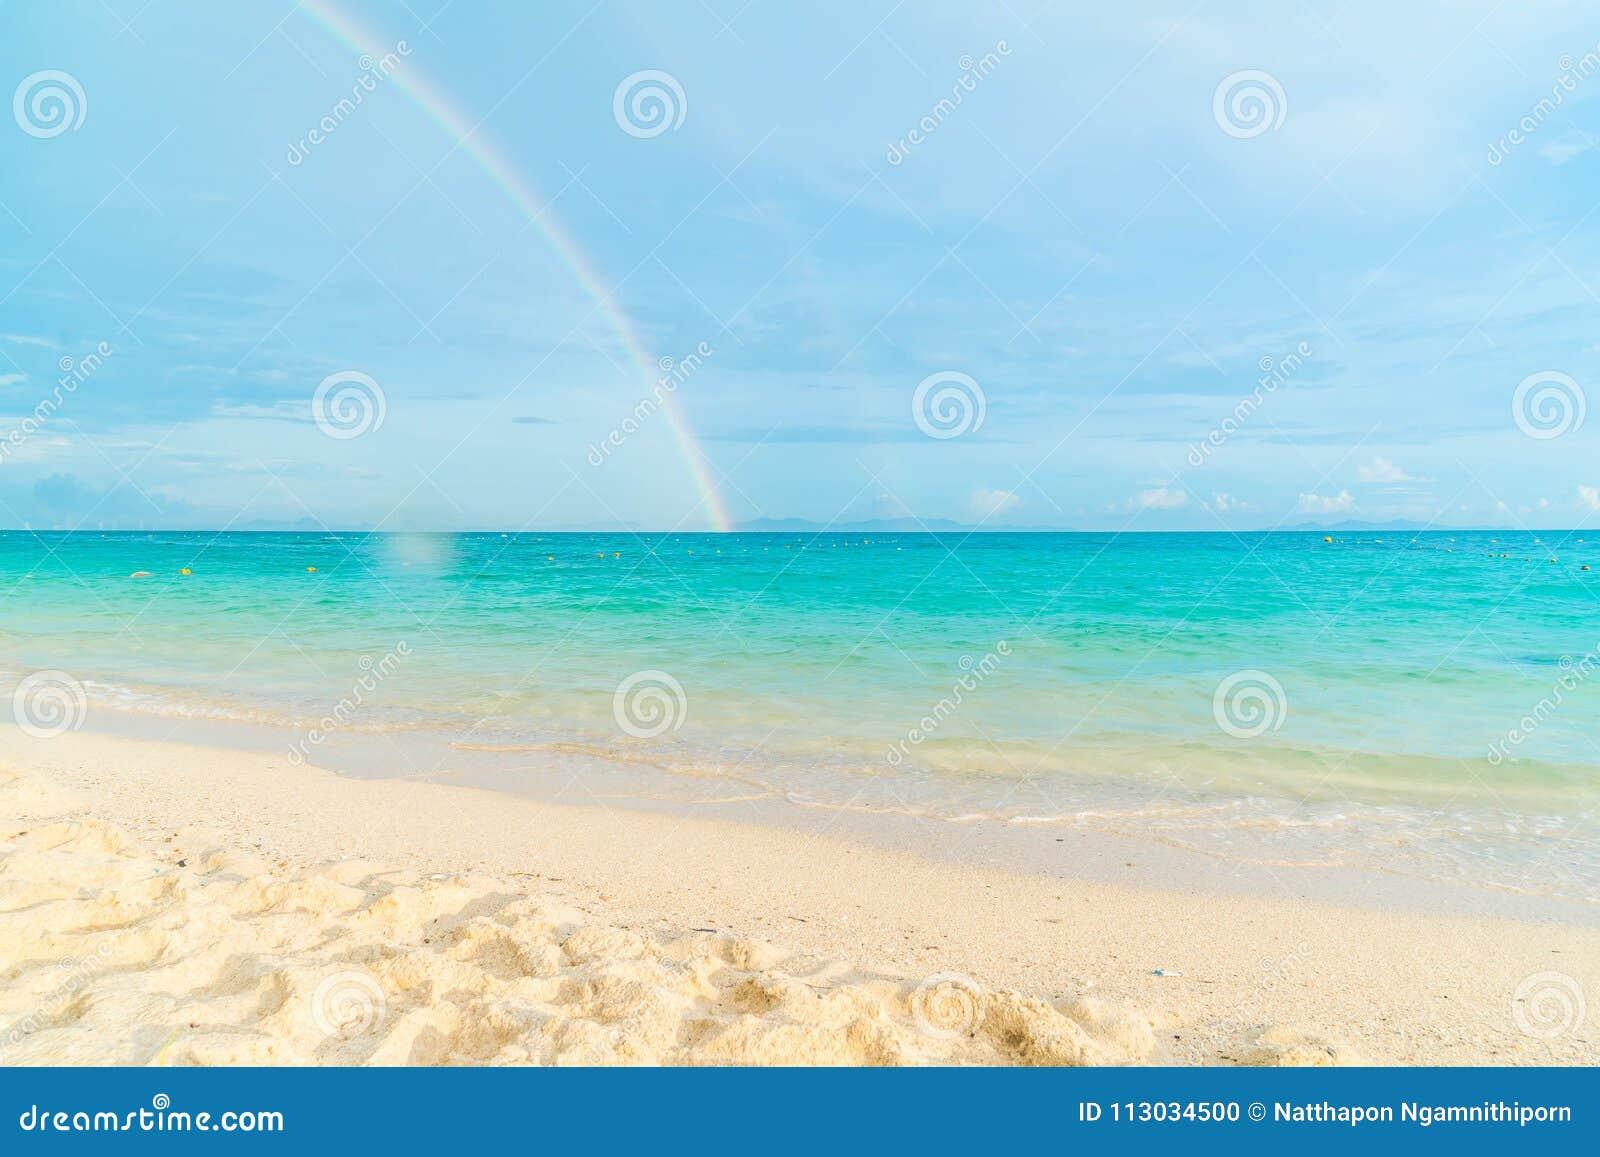 Playa tropical hermosa y paisaje del mar